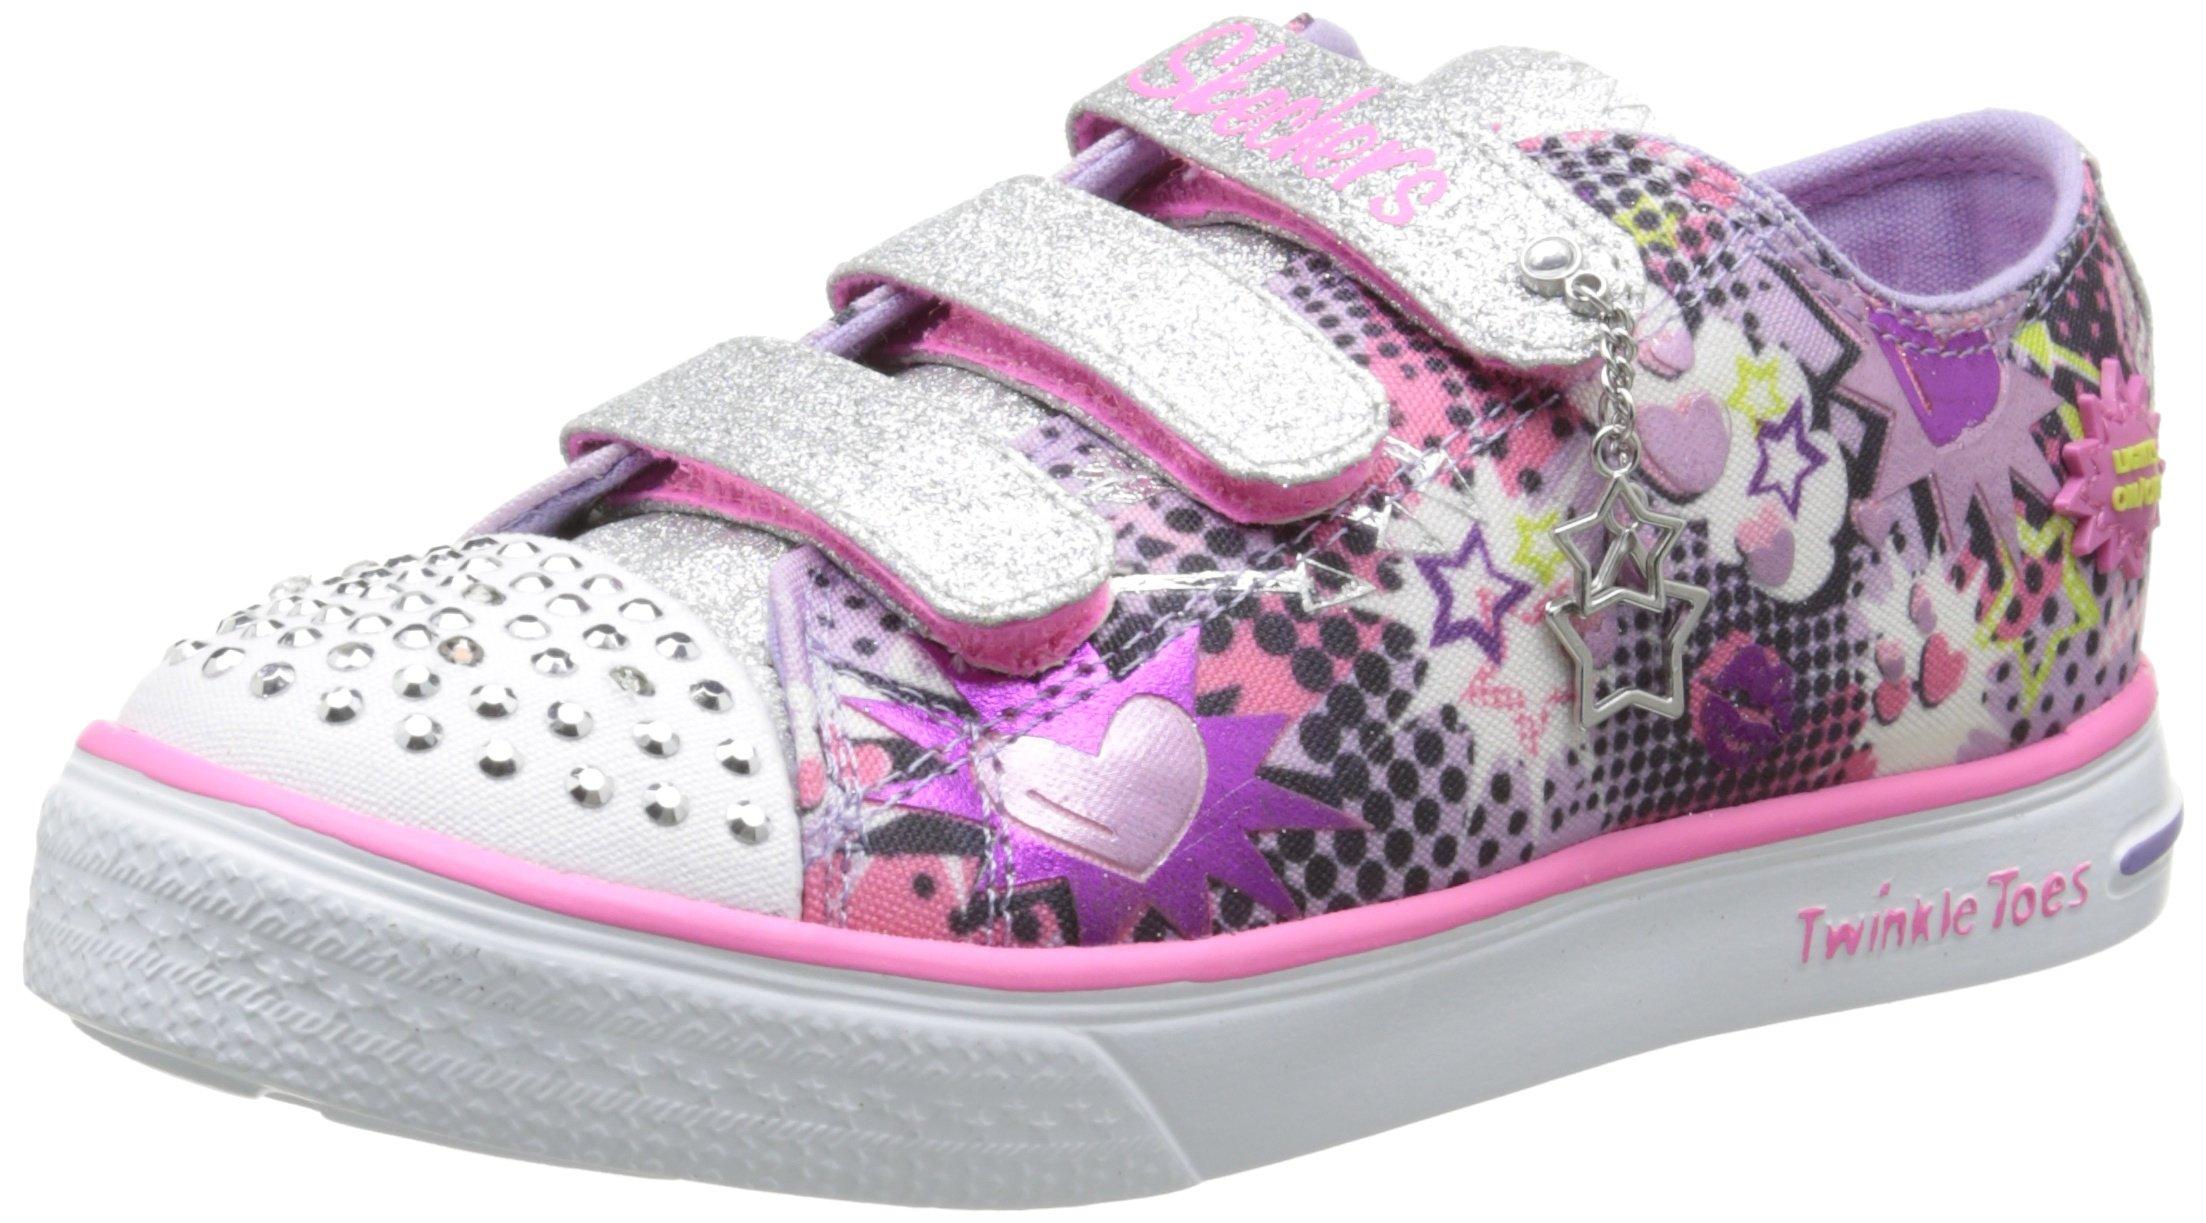 5 13 Skechers YearsTwinkle ToesChit Sneaker Chat Up Prolifics M Us Little Kid4 Lavendermulti 8 Light ALcqS35R4j